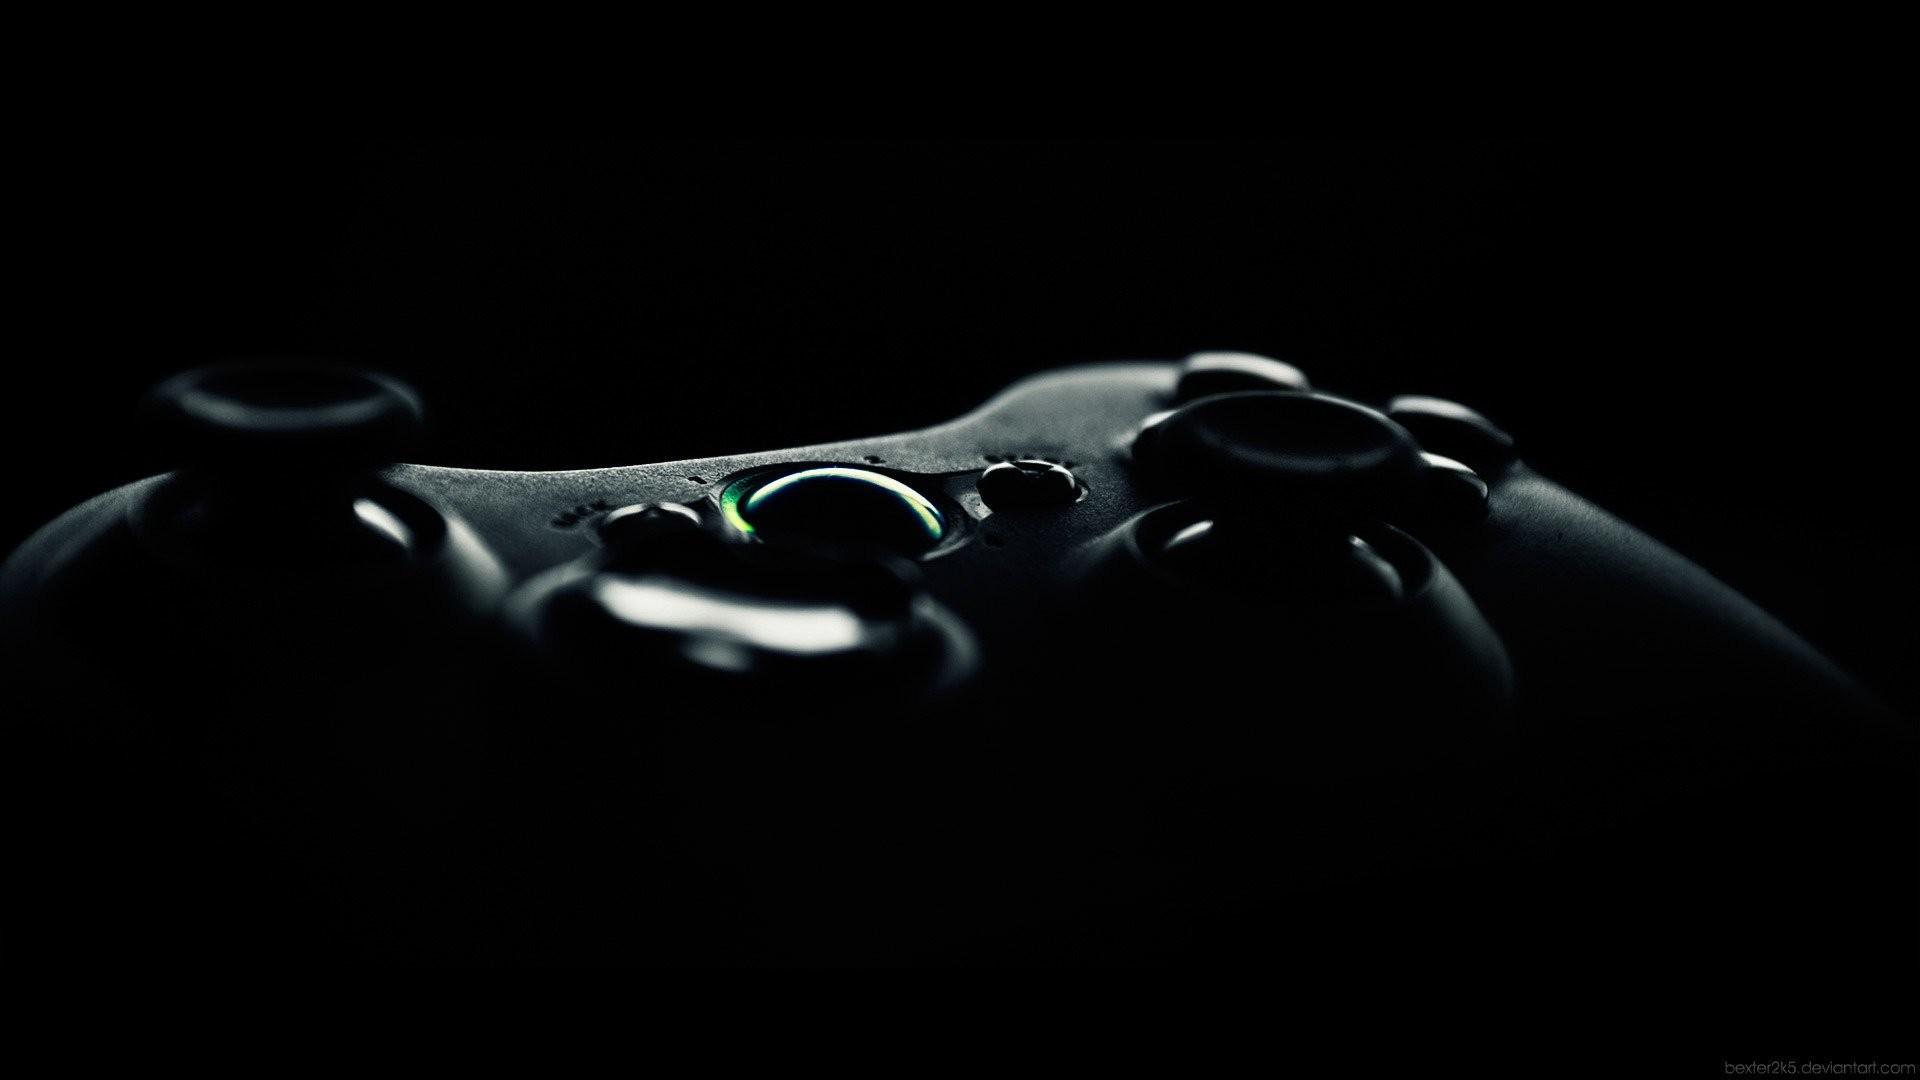 Xbox 360 Controller 590432 …